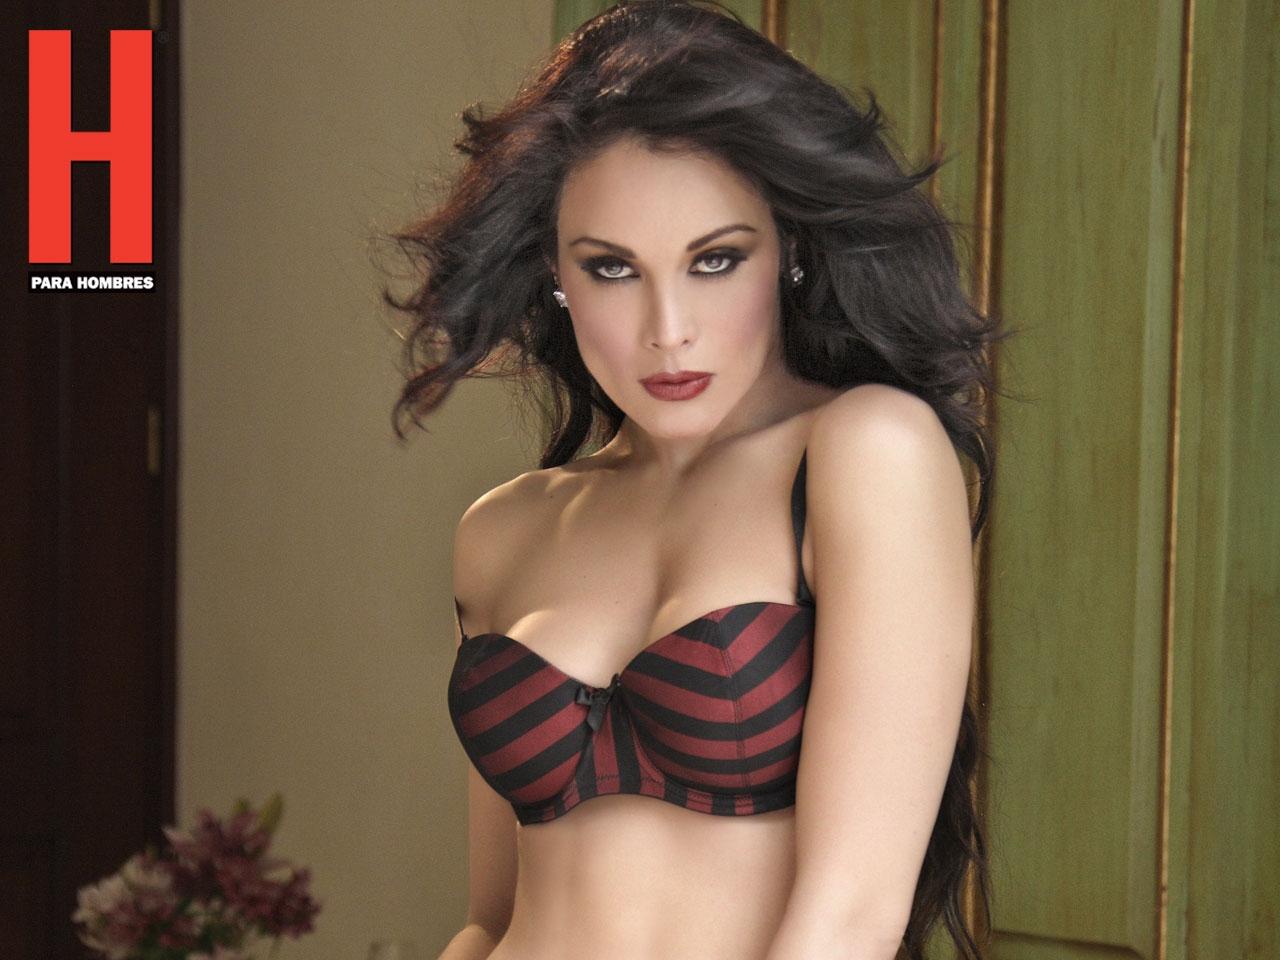 http://3.bp.blogspot.com/-dLFa6v9lZ9Q/TmVjDEh3moI/AAAAAAAAAAs/2r8tgZV61Fo/s1600/No.+148+-+Septiembre+2011+%25283%2529.jpg